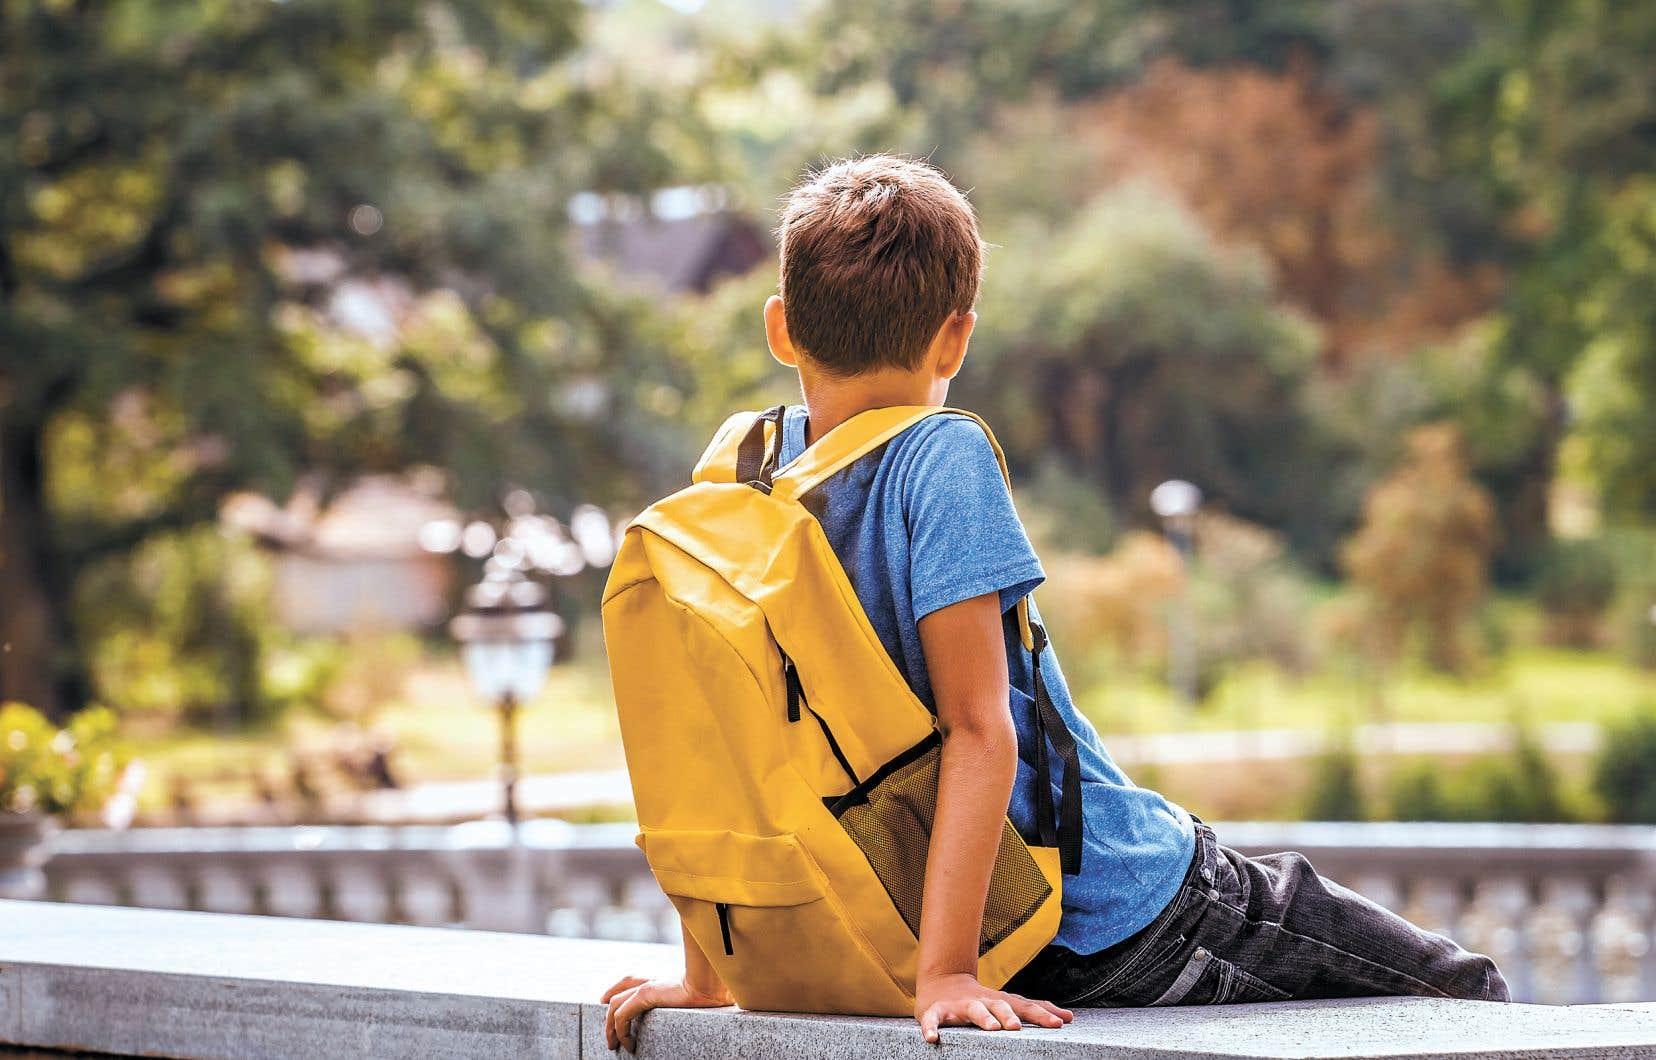 Seulement 57% des garçons terminent leur programme de deuxième cycle dans les temps au public, contre 71% des filles.